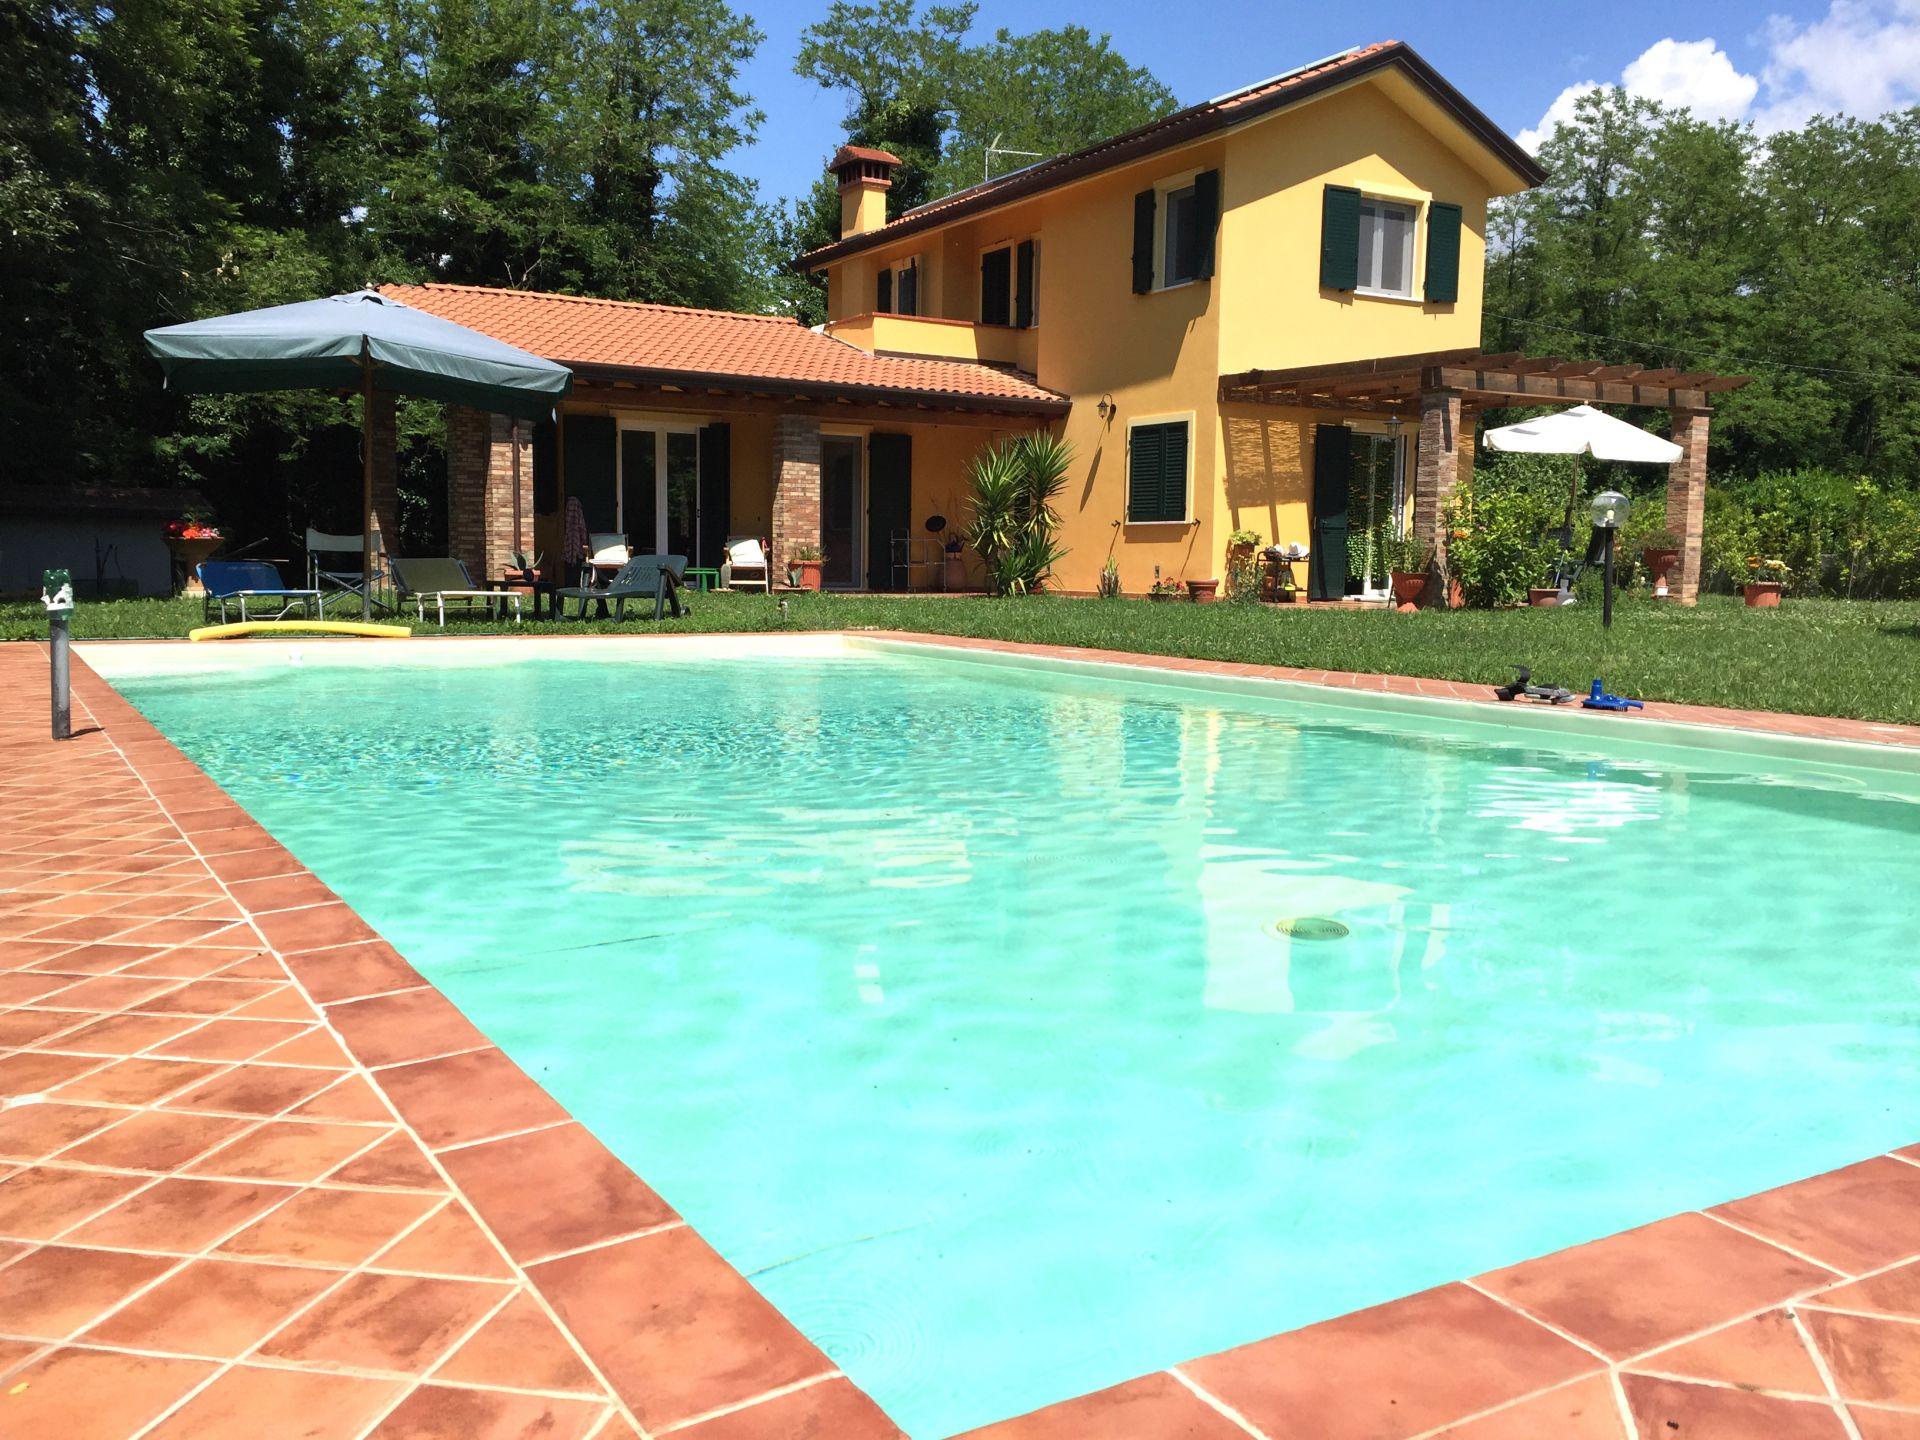 Wolf Haus Reggio Emilia villa monofamigliare | geom. daniele bottiglioni